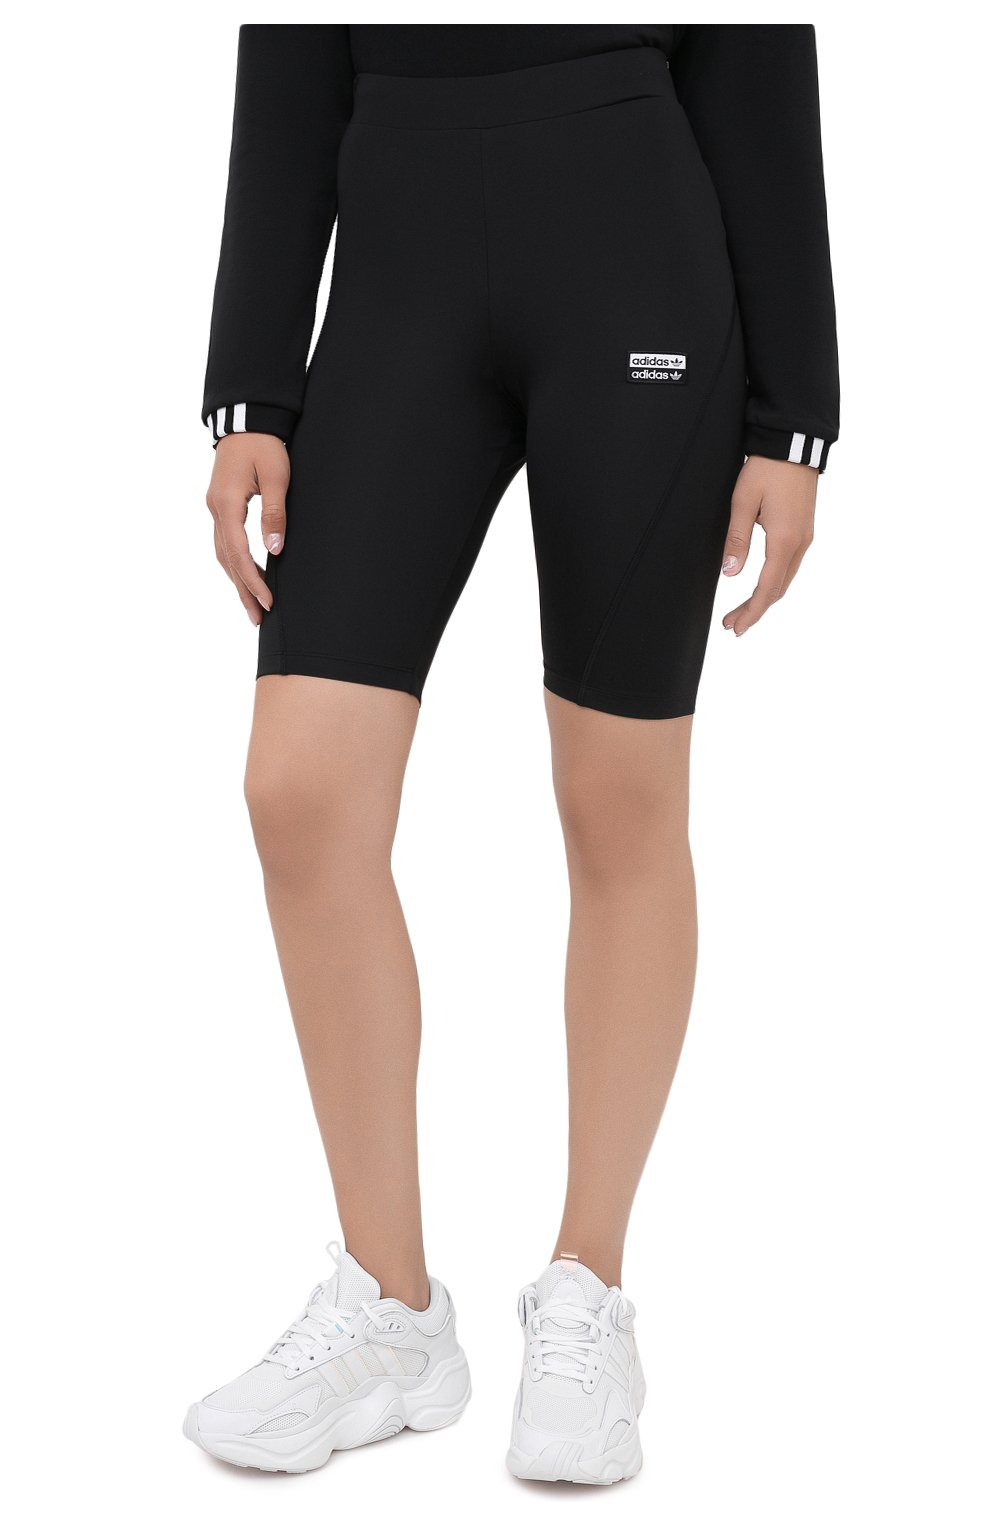 Женские шорты ADIDAS ORIGINALS черного цвета, арт. GD3882 | Фото 3 (Длина Ж (юбки, платья, шорты): Мини; Кросс-КТ: Спорт)